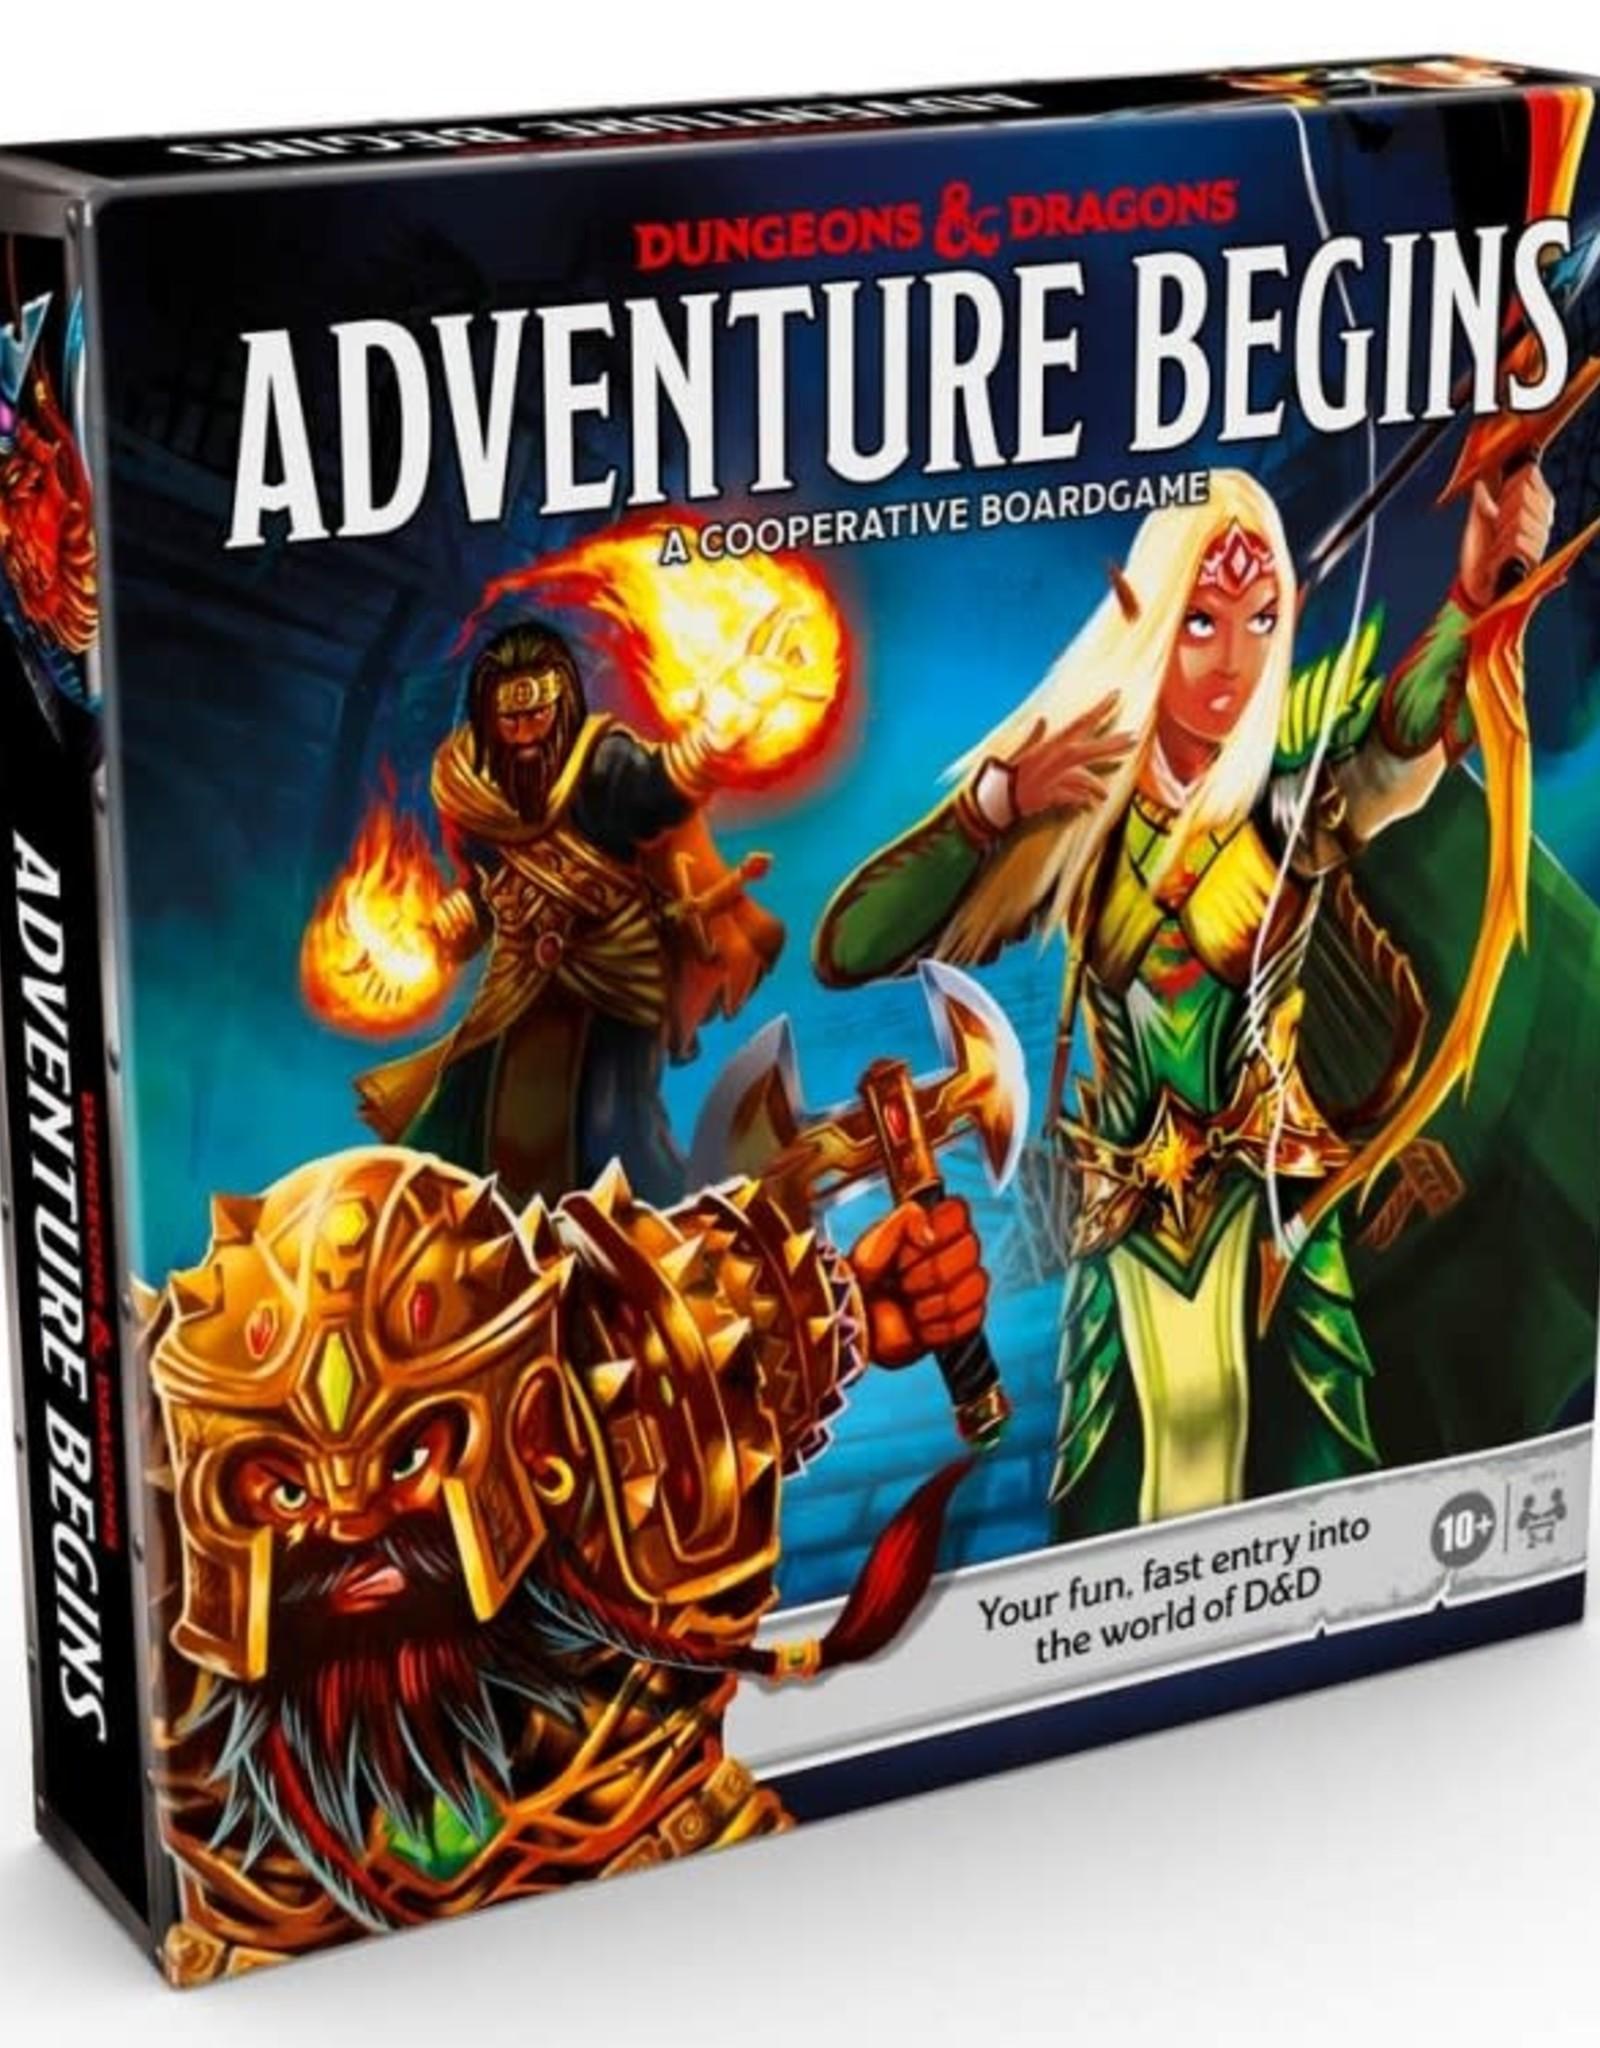 RENTAL - D&D Adventure Begins 2 lb 7.4 oz